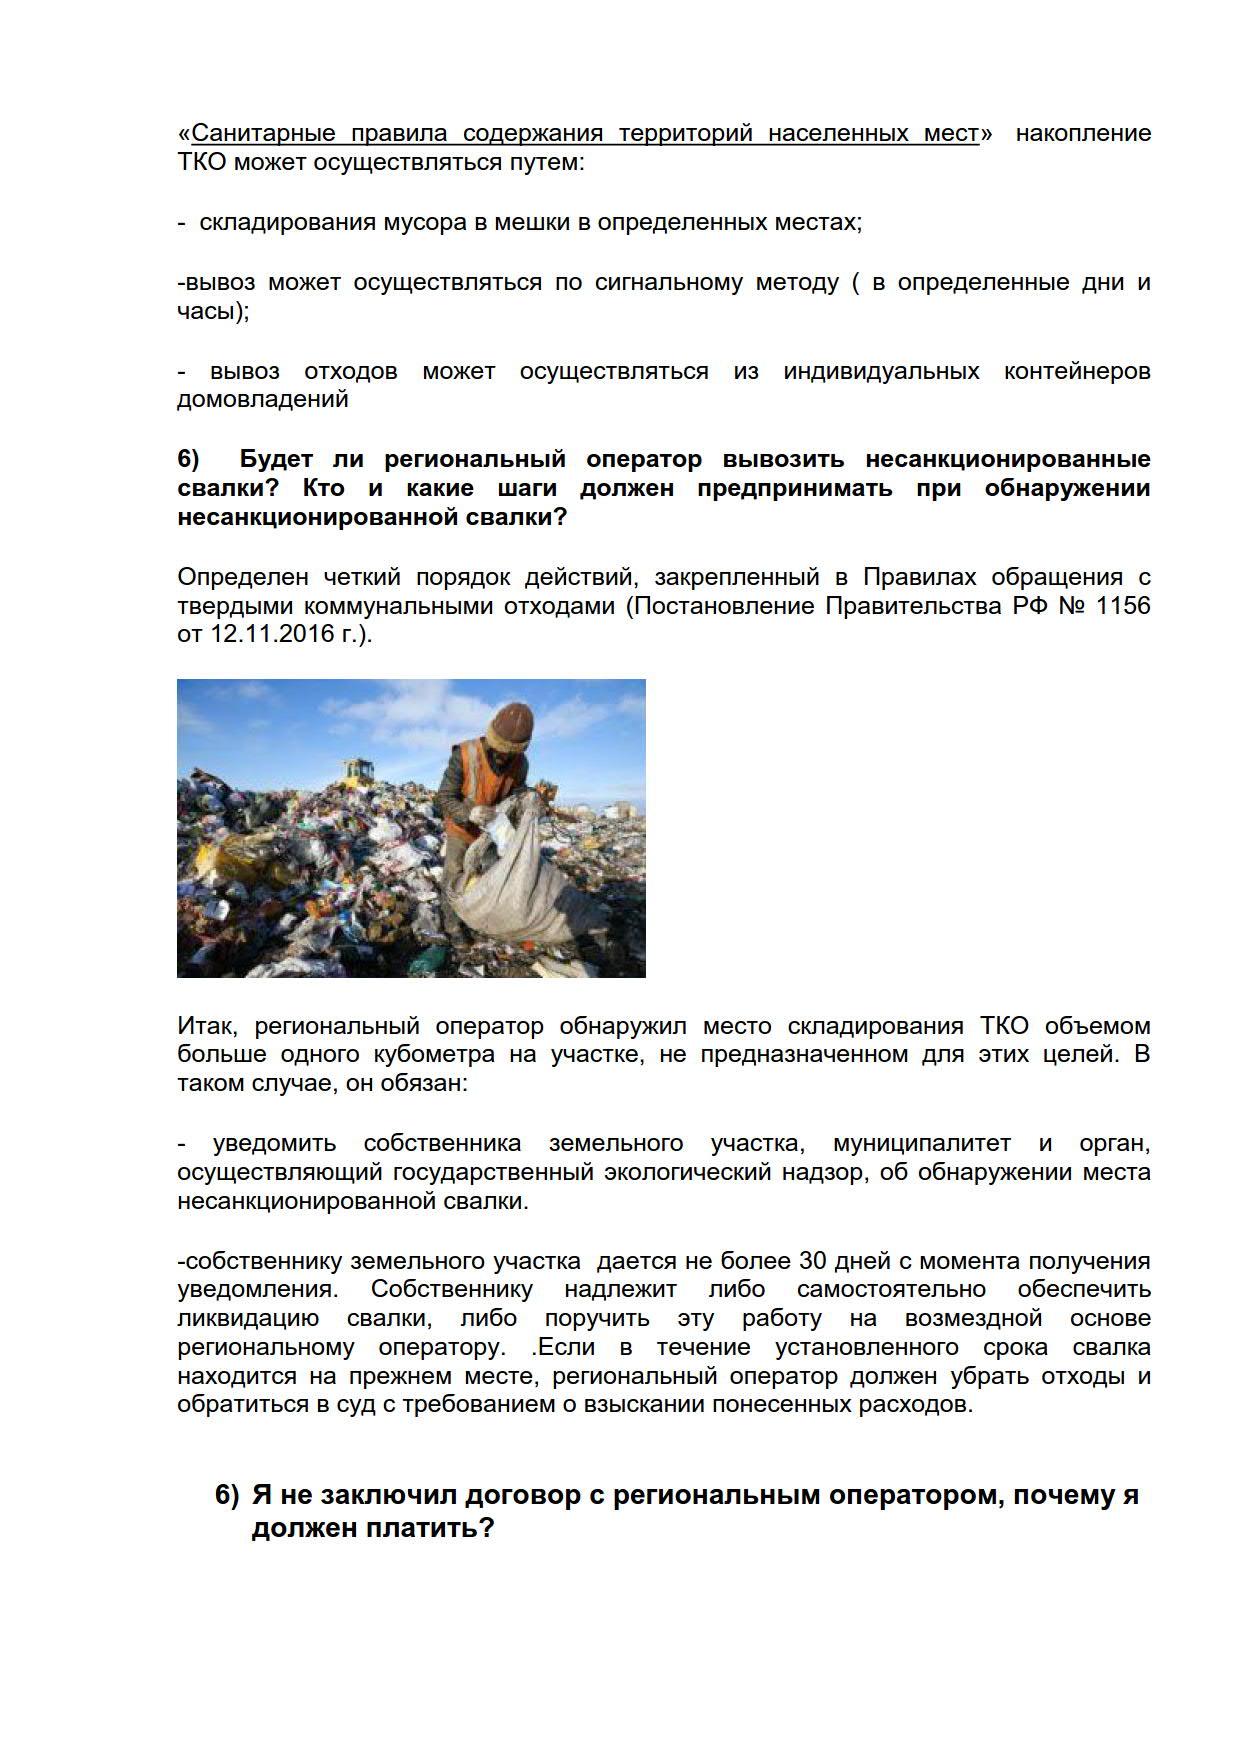 Общая информация по реформе_3